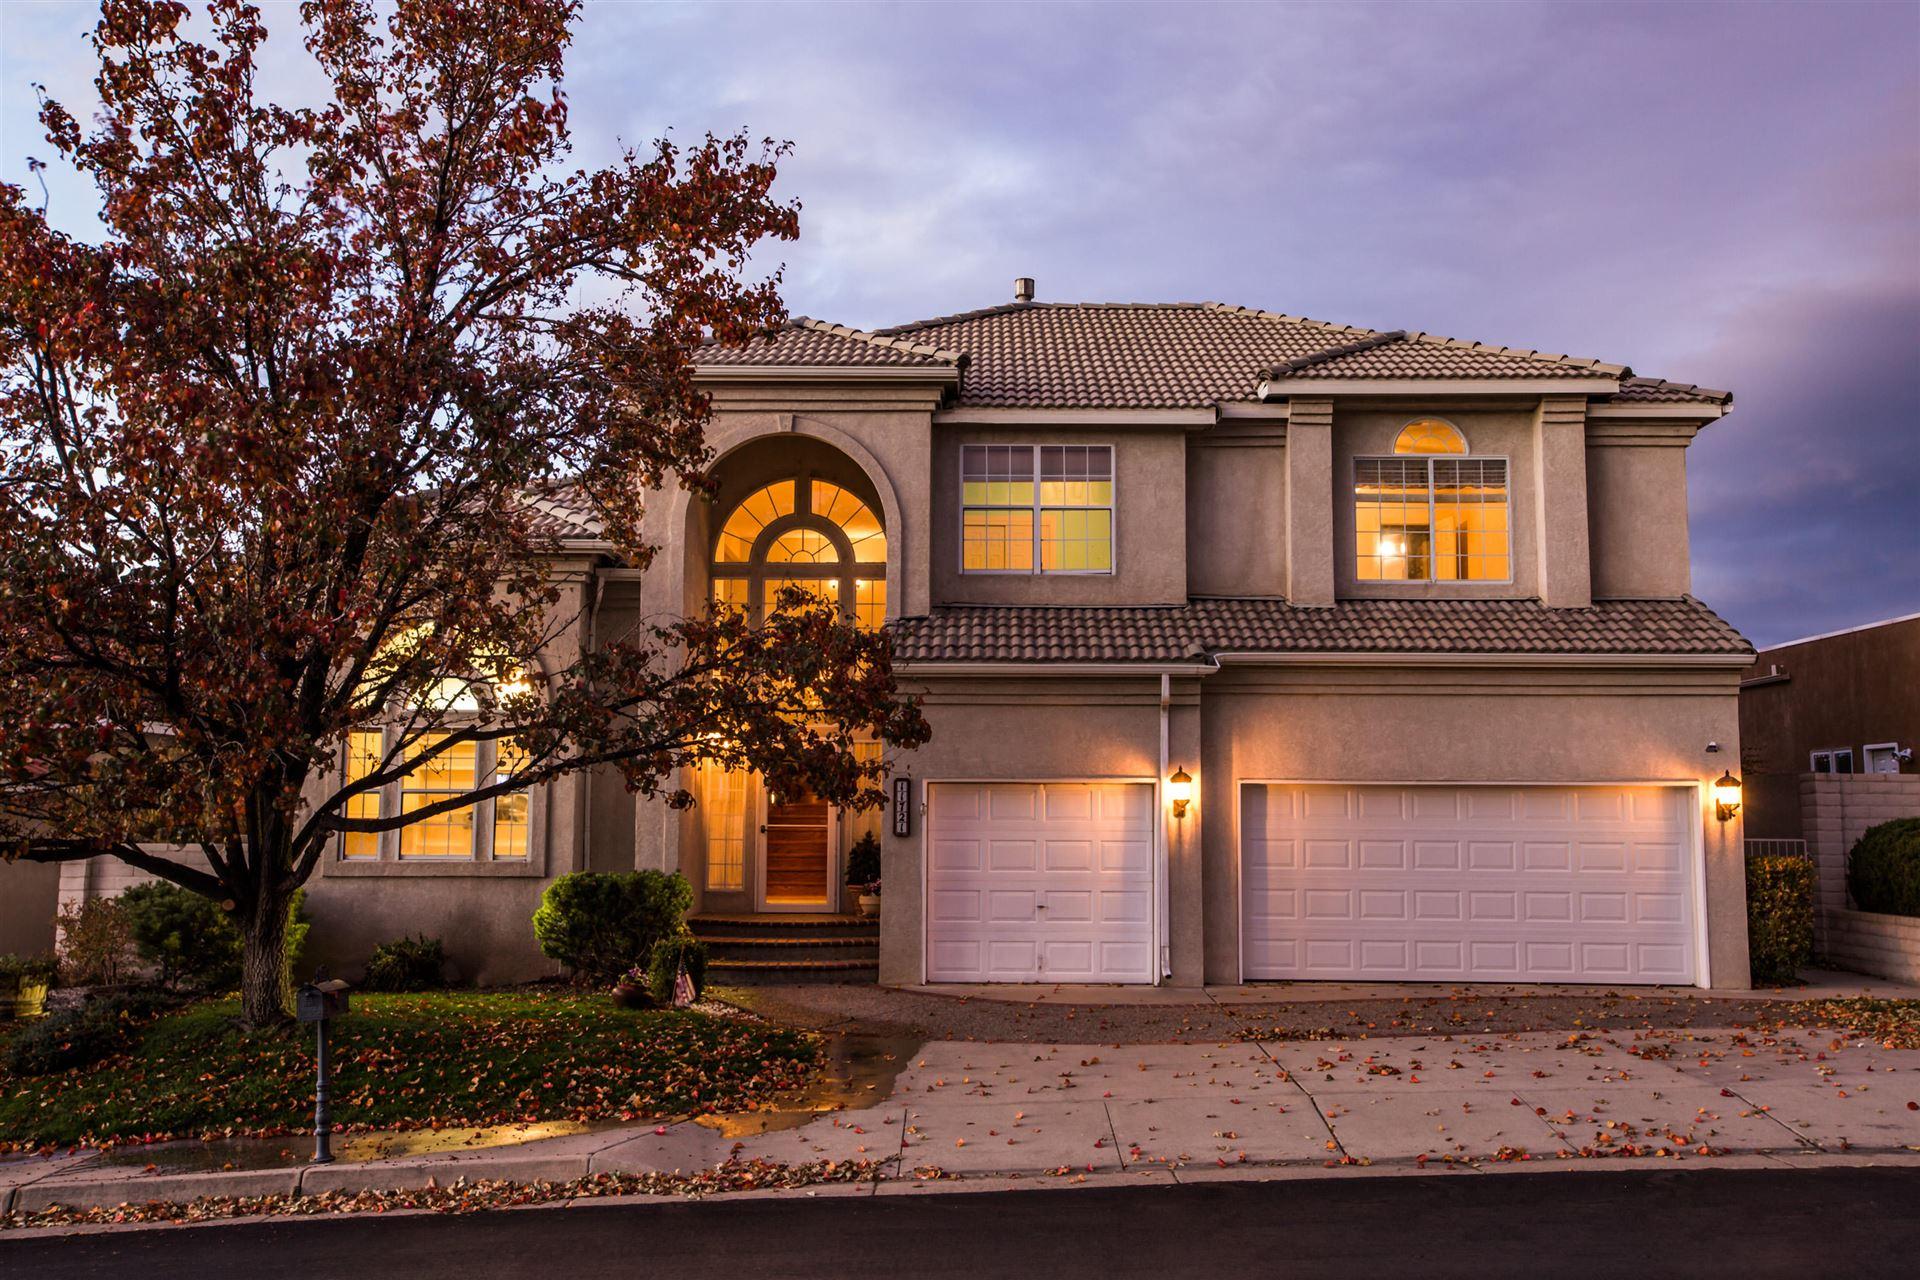 11721 SKY VALLEY Way NE, Albuquerque, NM 87111 - MLS#: 980907